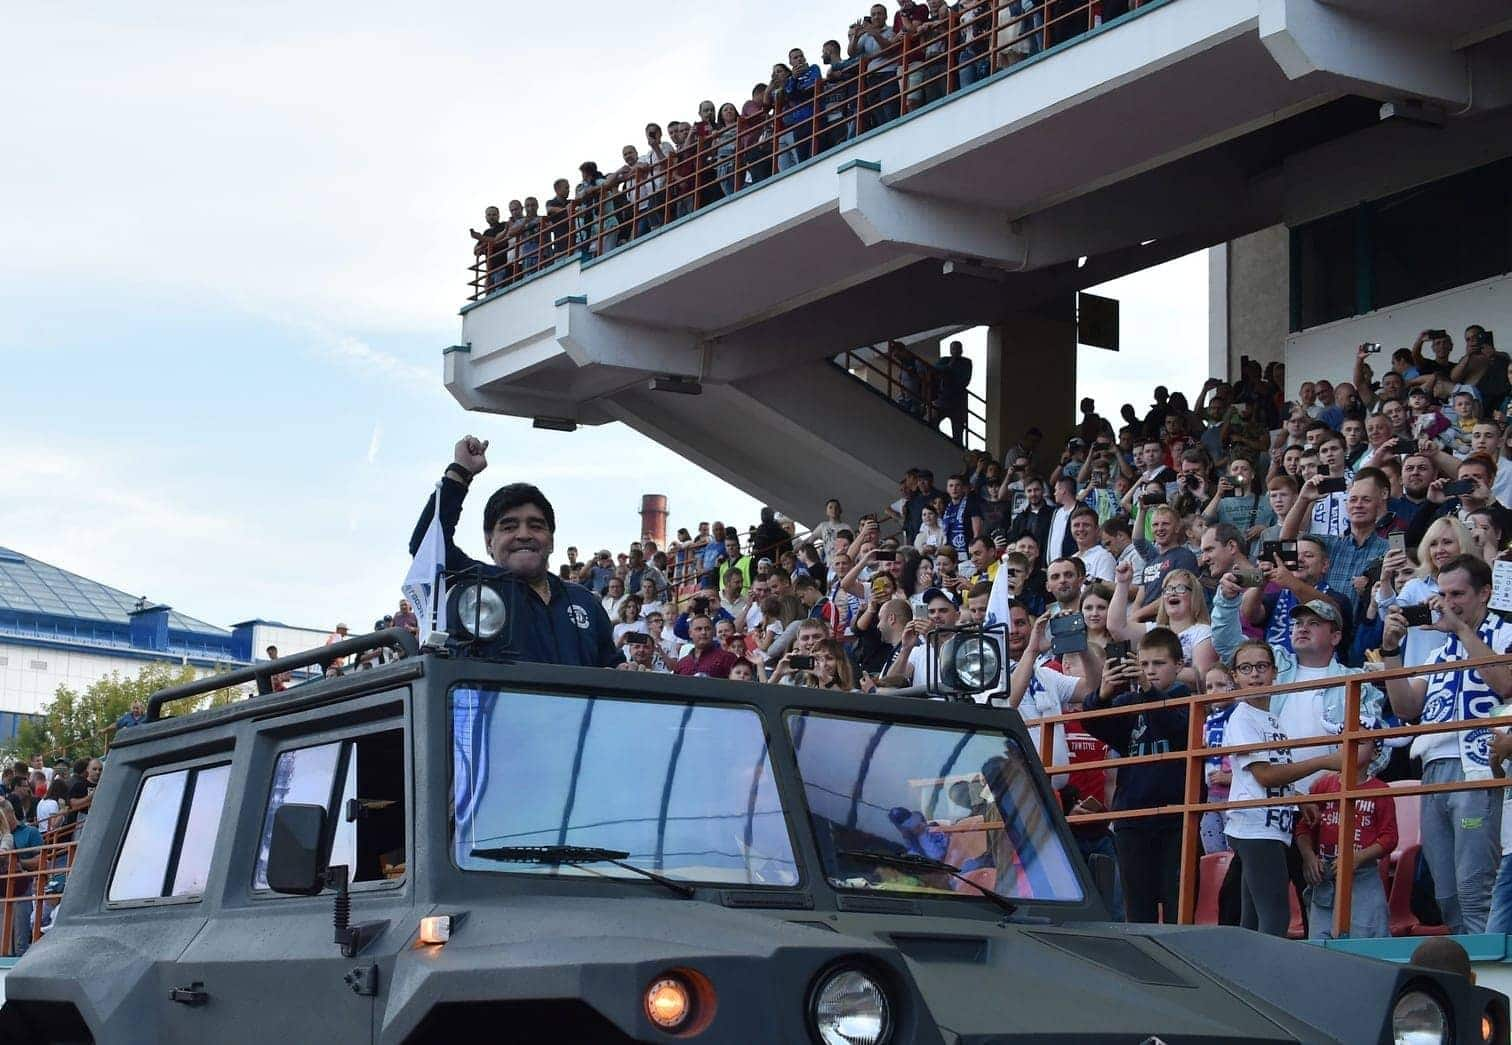 <p>Dann gibg es weiter zur Präsentation ins Stadion. Maradona läuft neben dem Maskottchen ein.</p> Foto: AFP